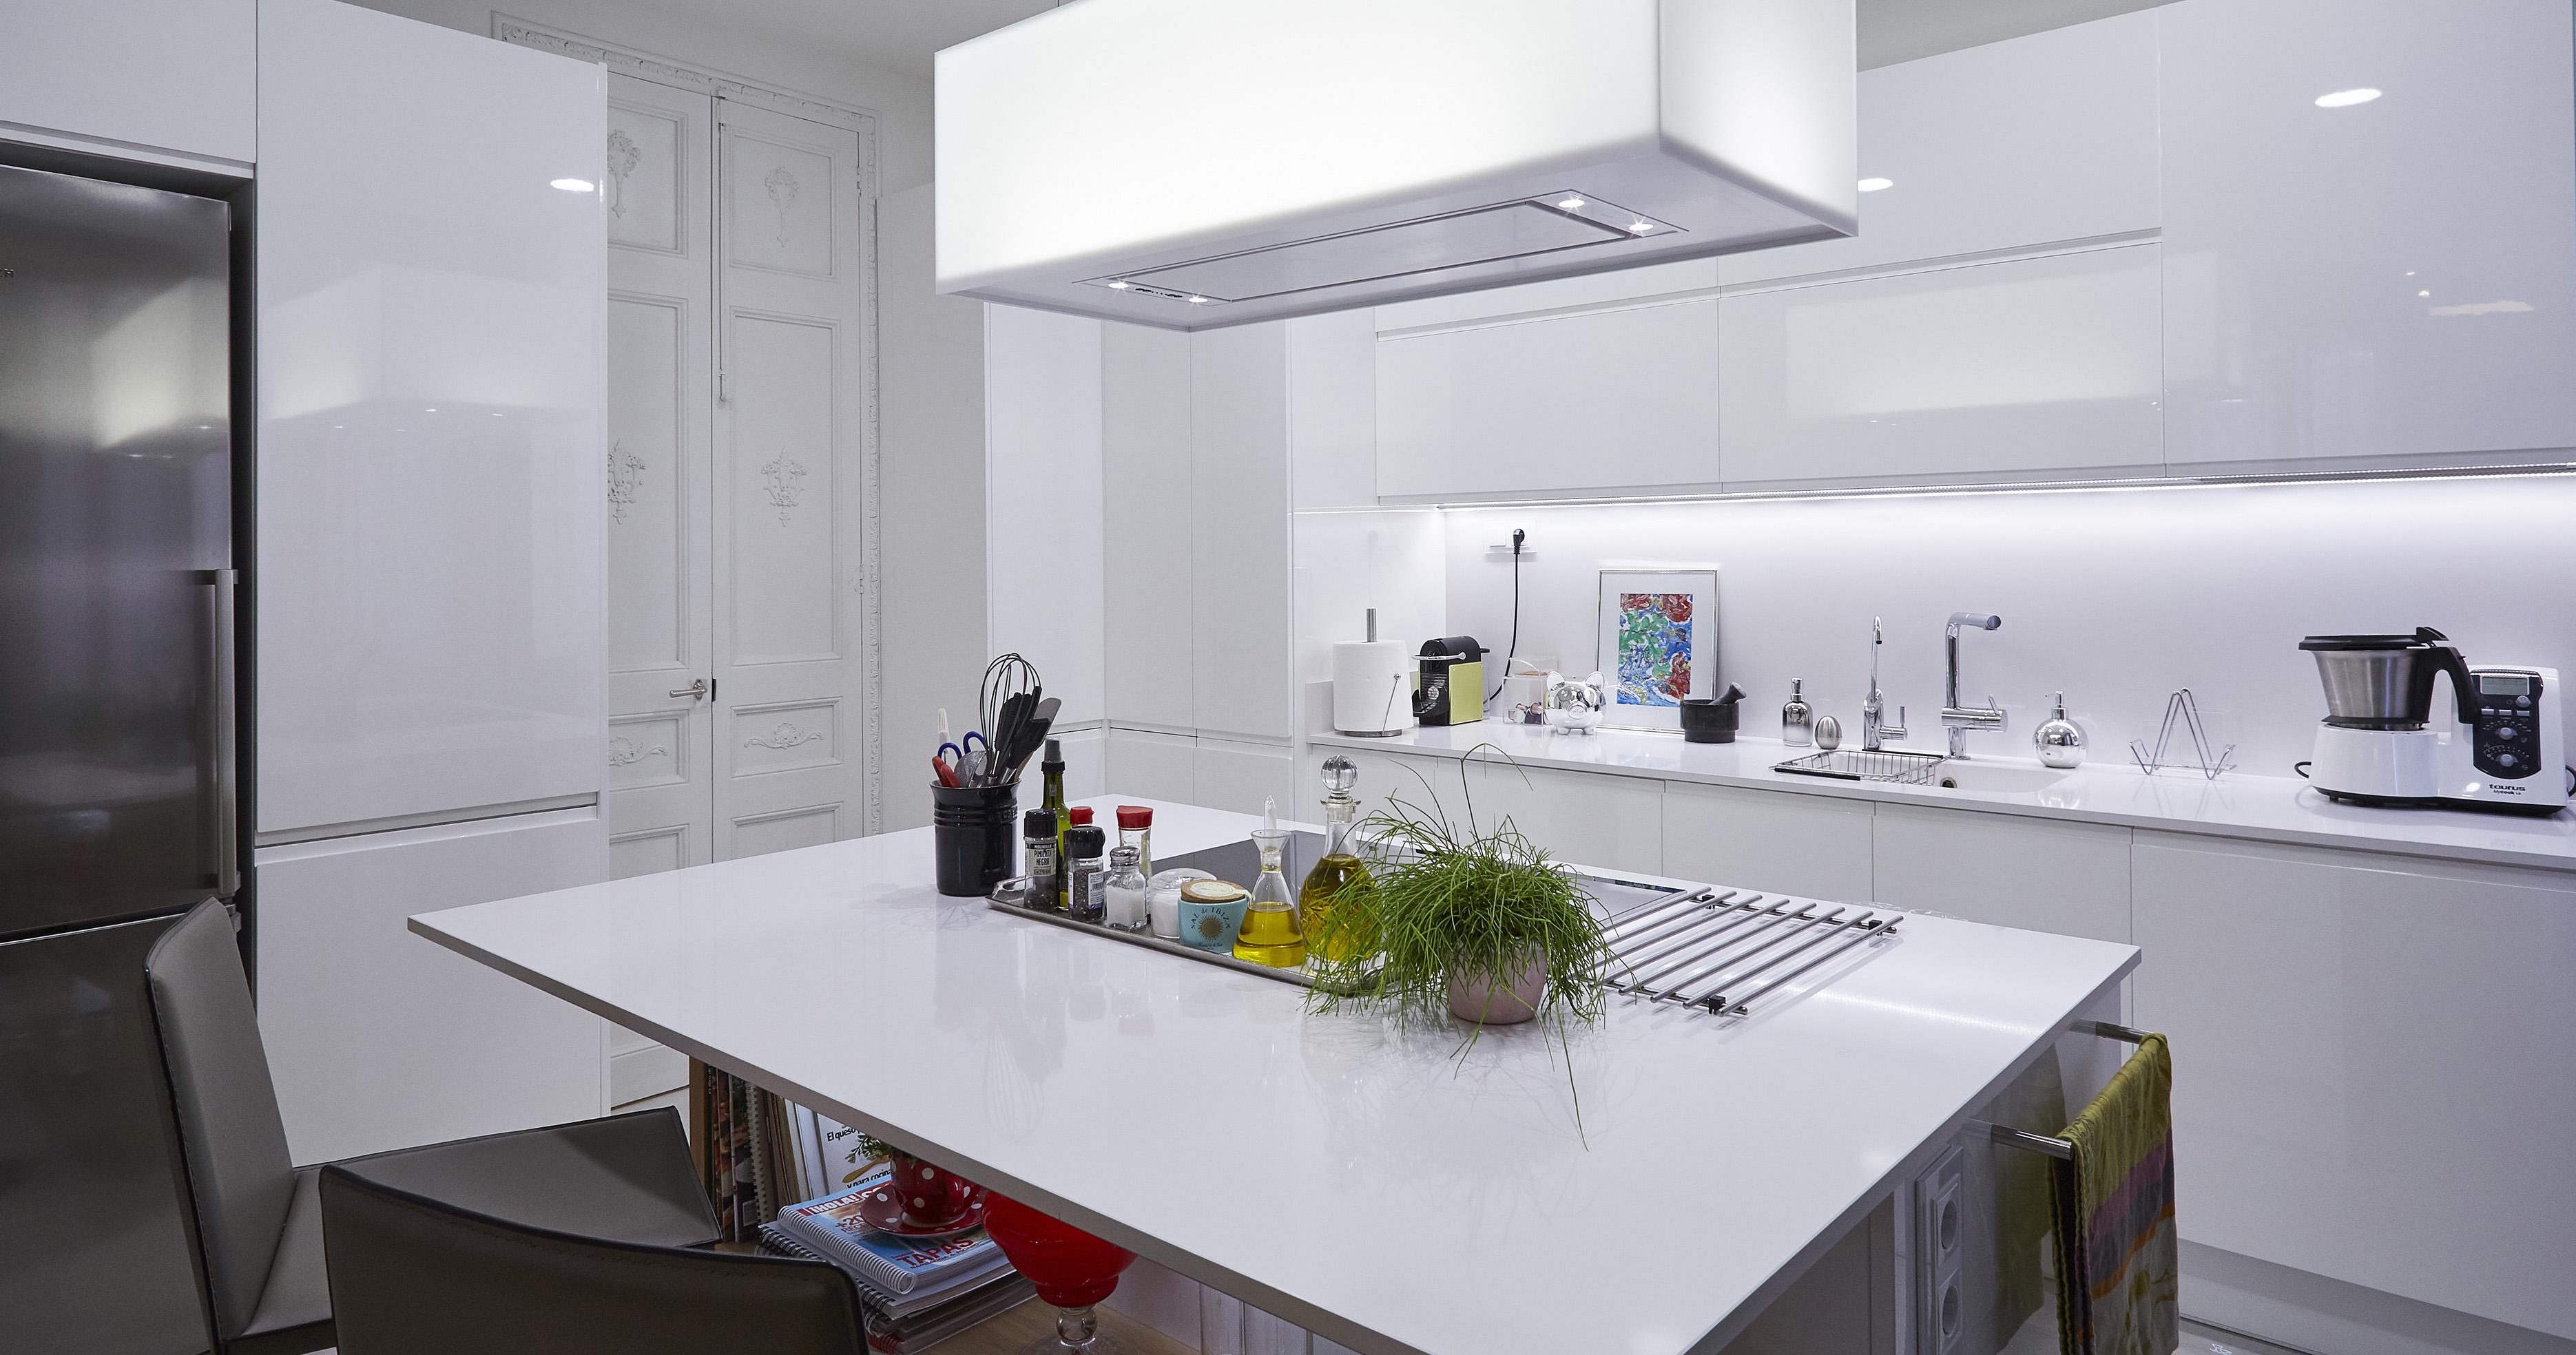 Recomendaciones y consejos generales para la limpieza y mantenimiento de tus muebles de cocina